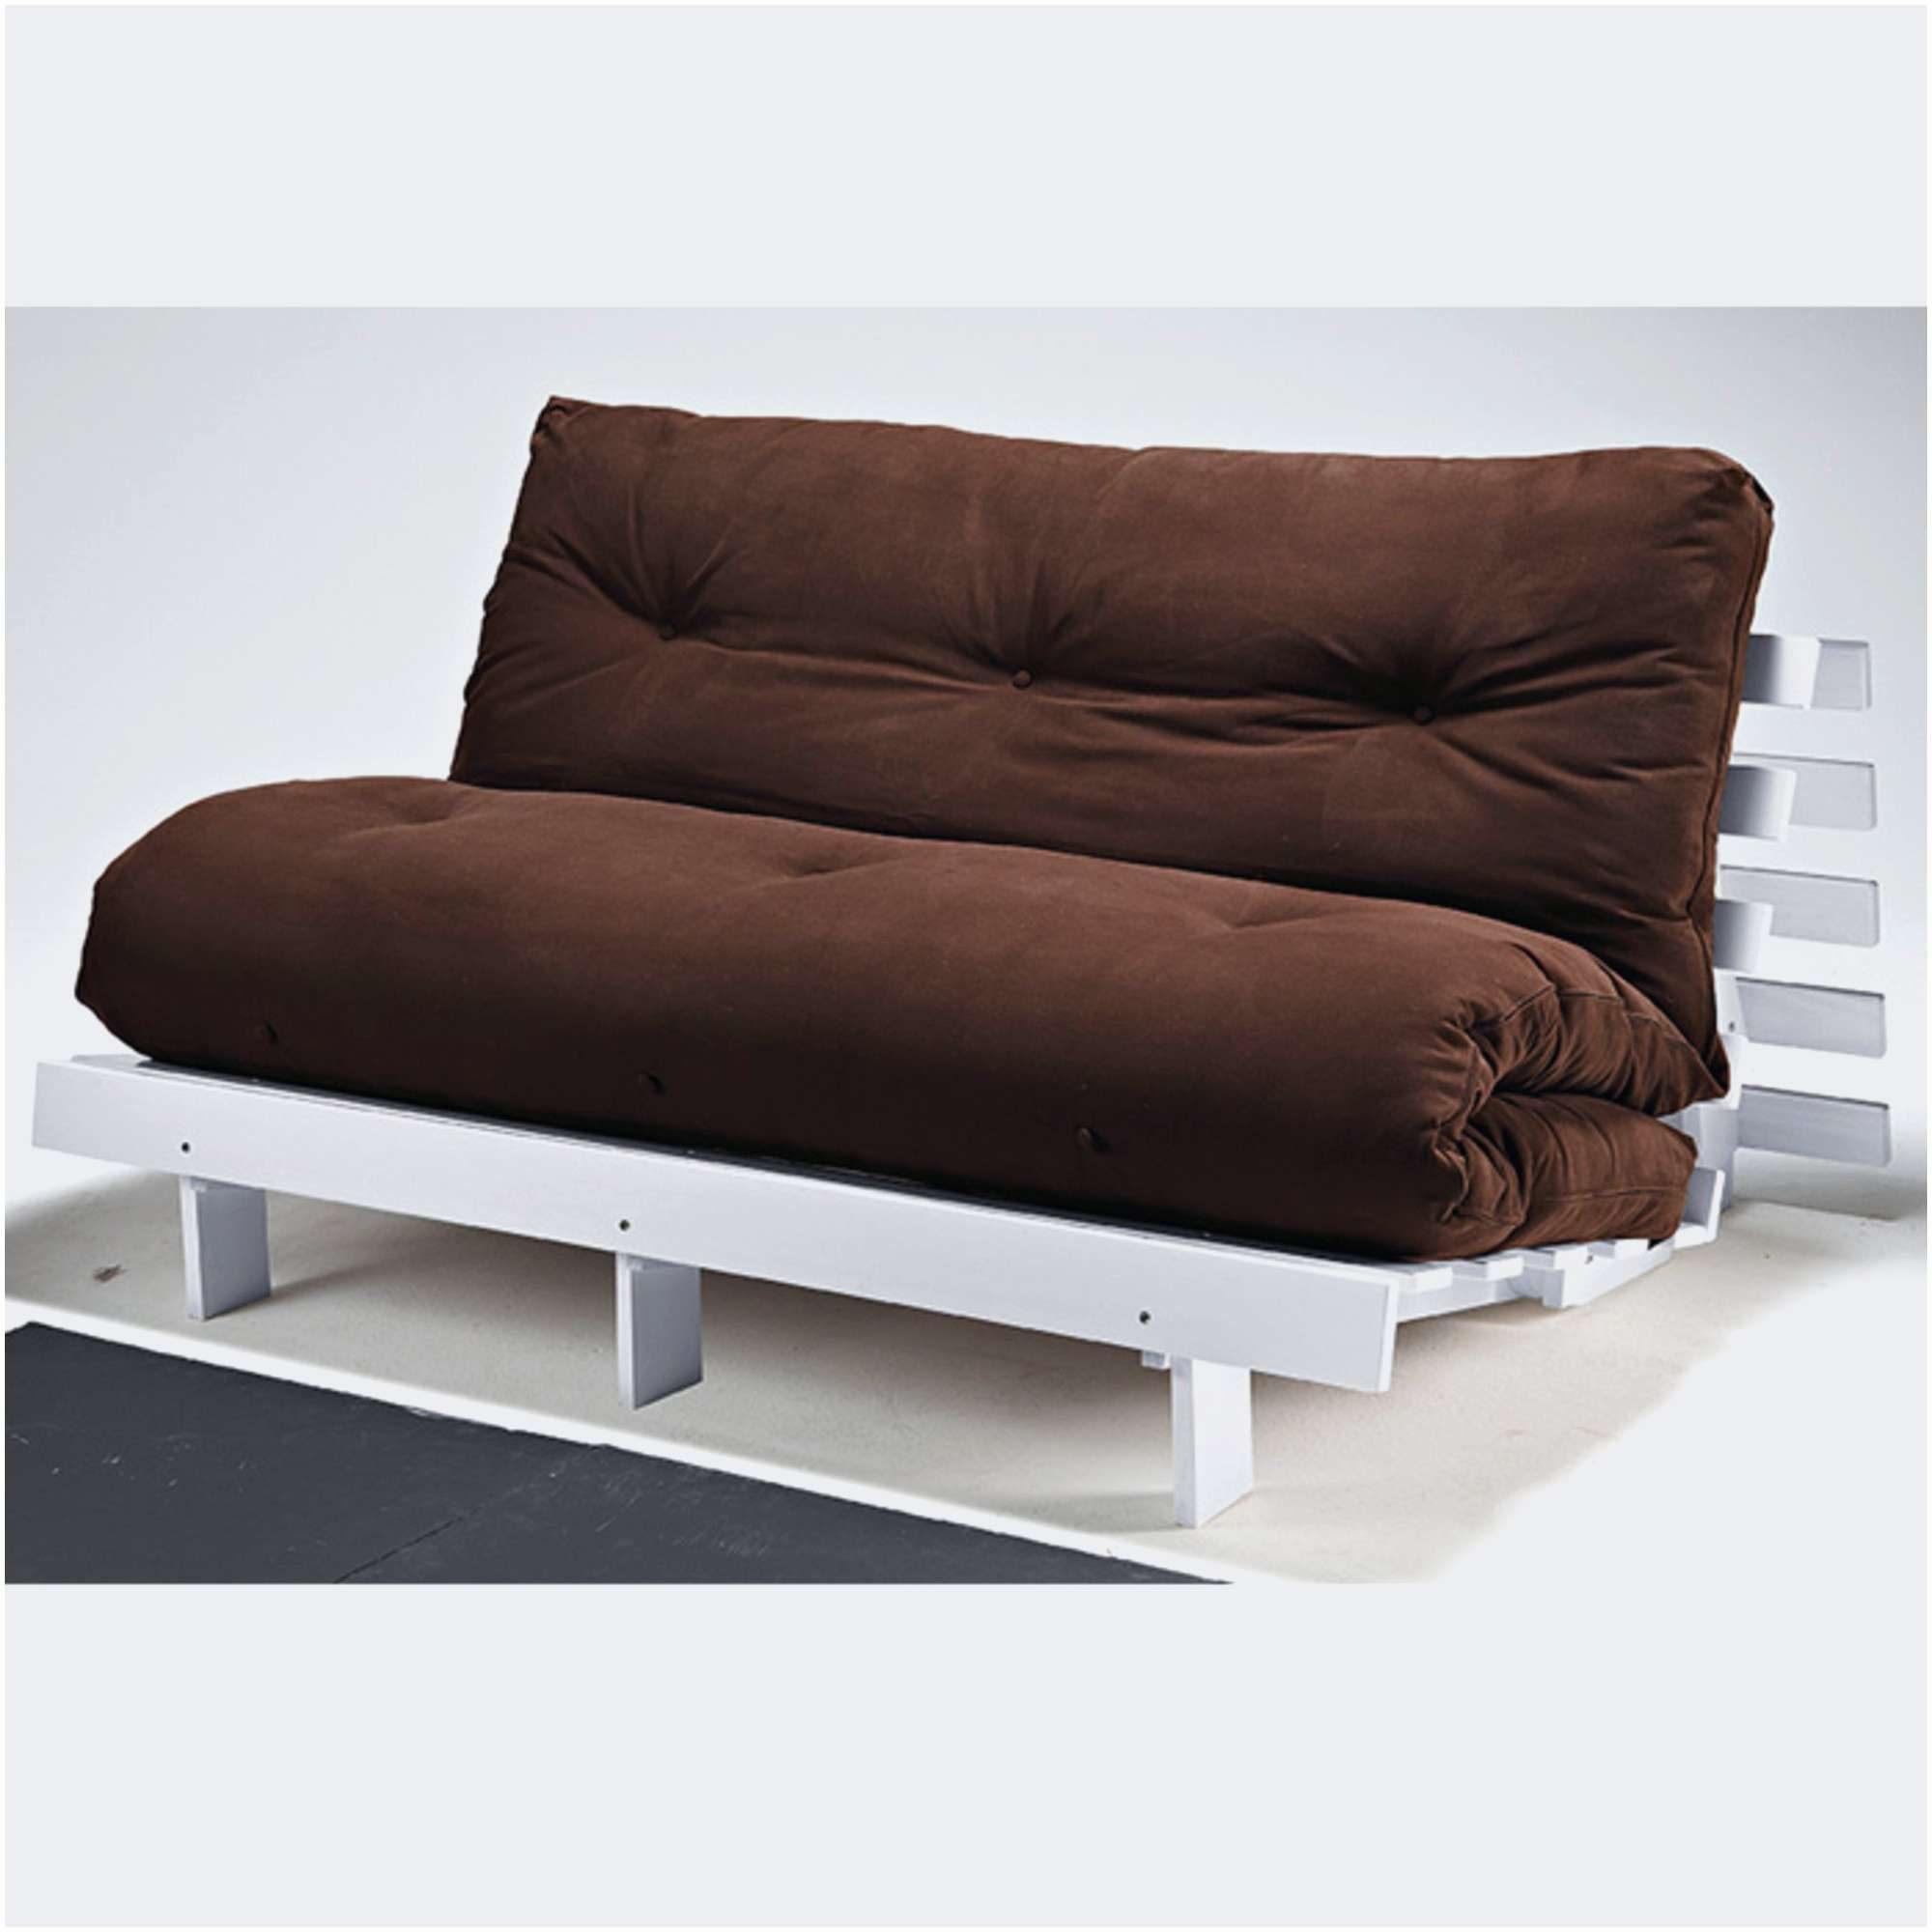 Lit Clic Clac Ikea Magnifique Le Meilleur De solde Canape Ikea Canap Clic Clac Cuir Bz Pas Cher